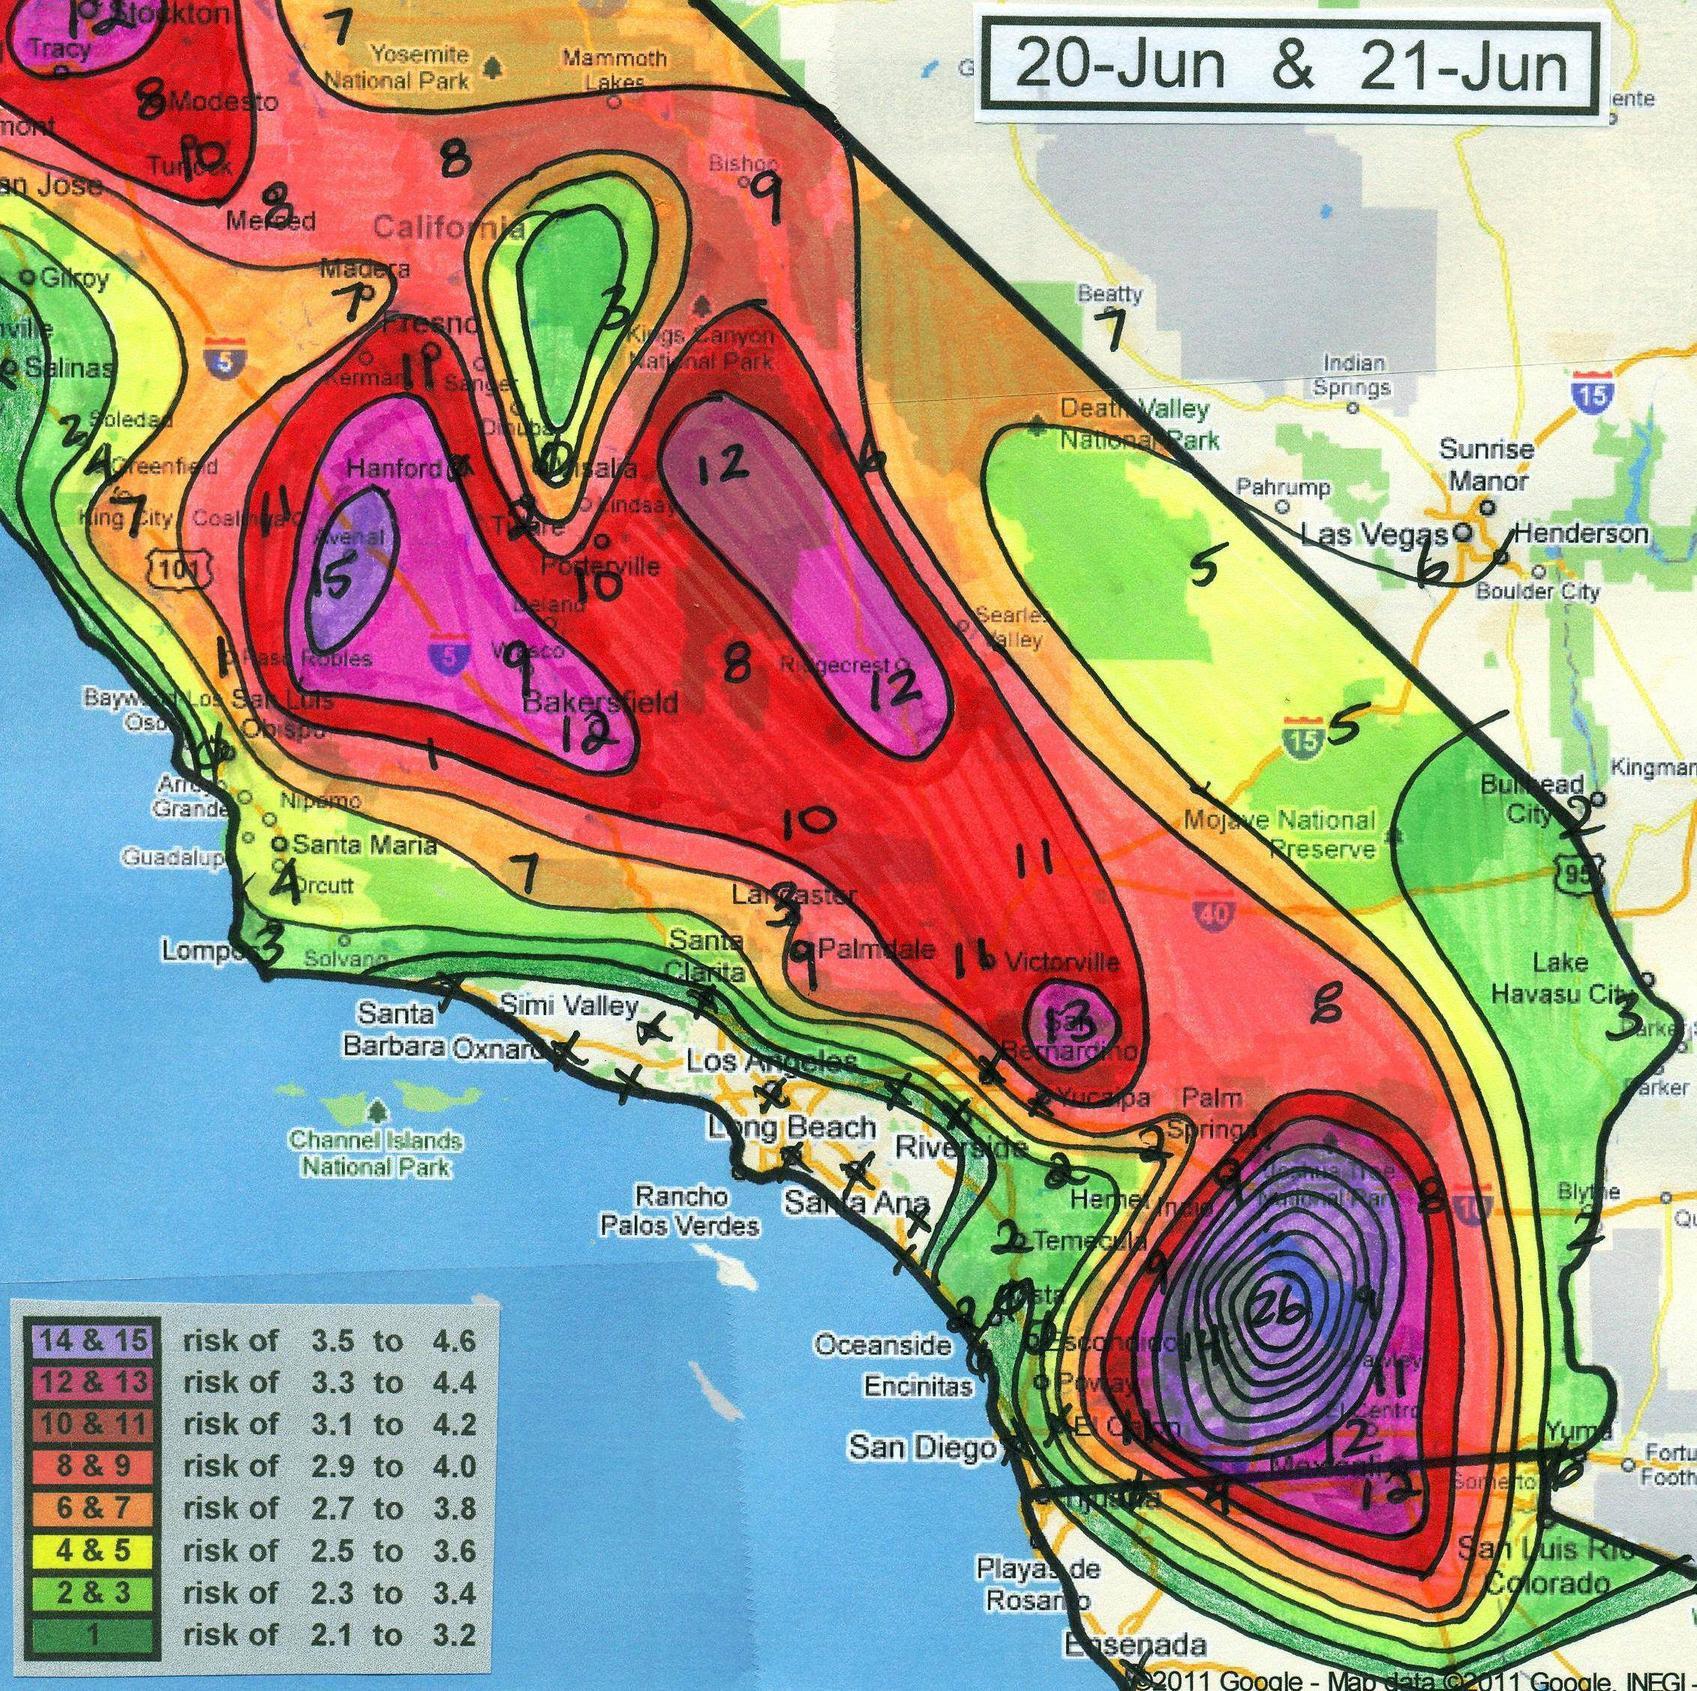 mapa de terremoto en california 2011